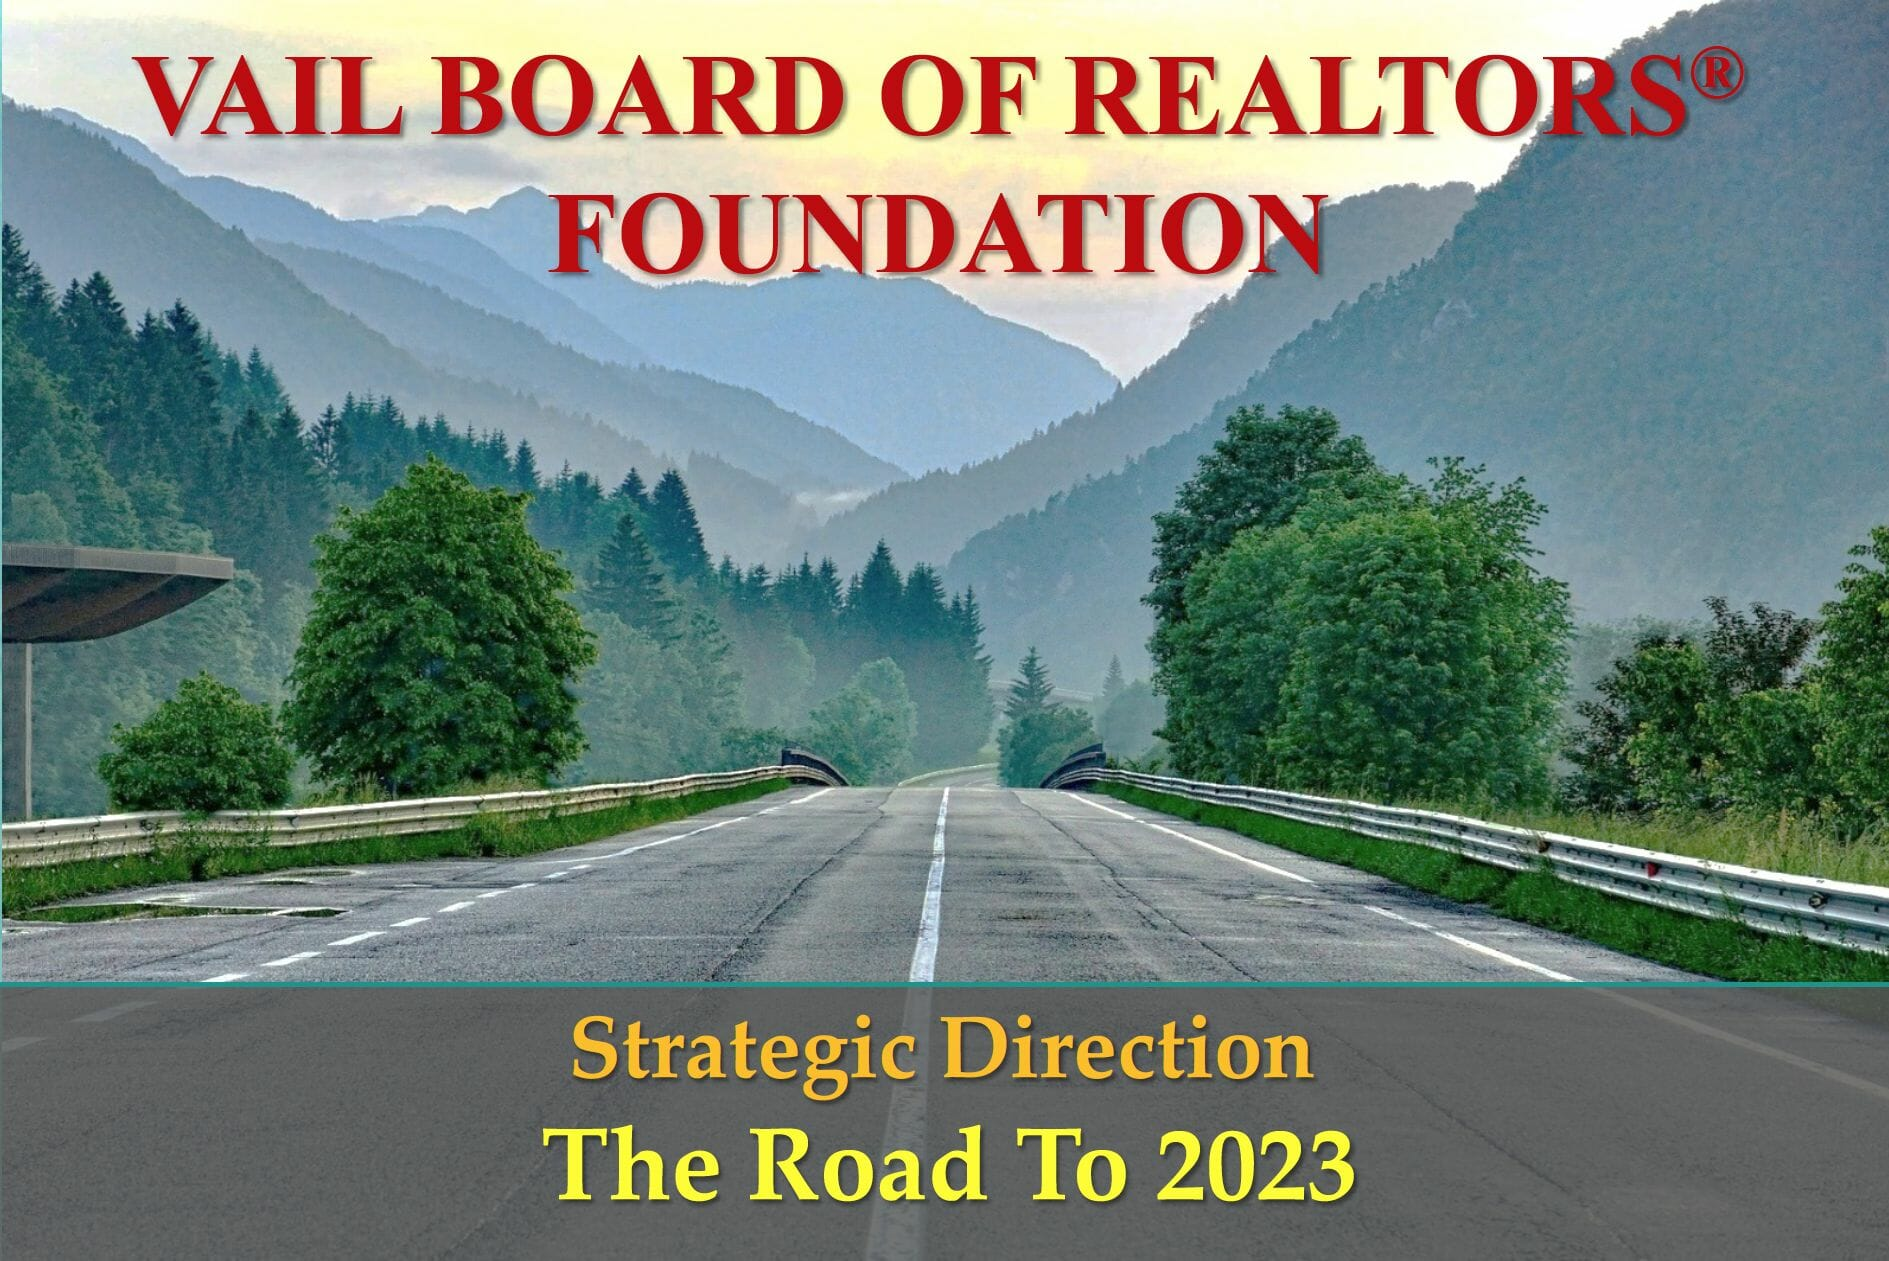 VBRF Strat Plan image cropped